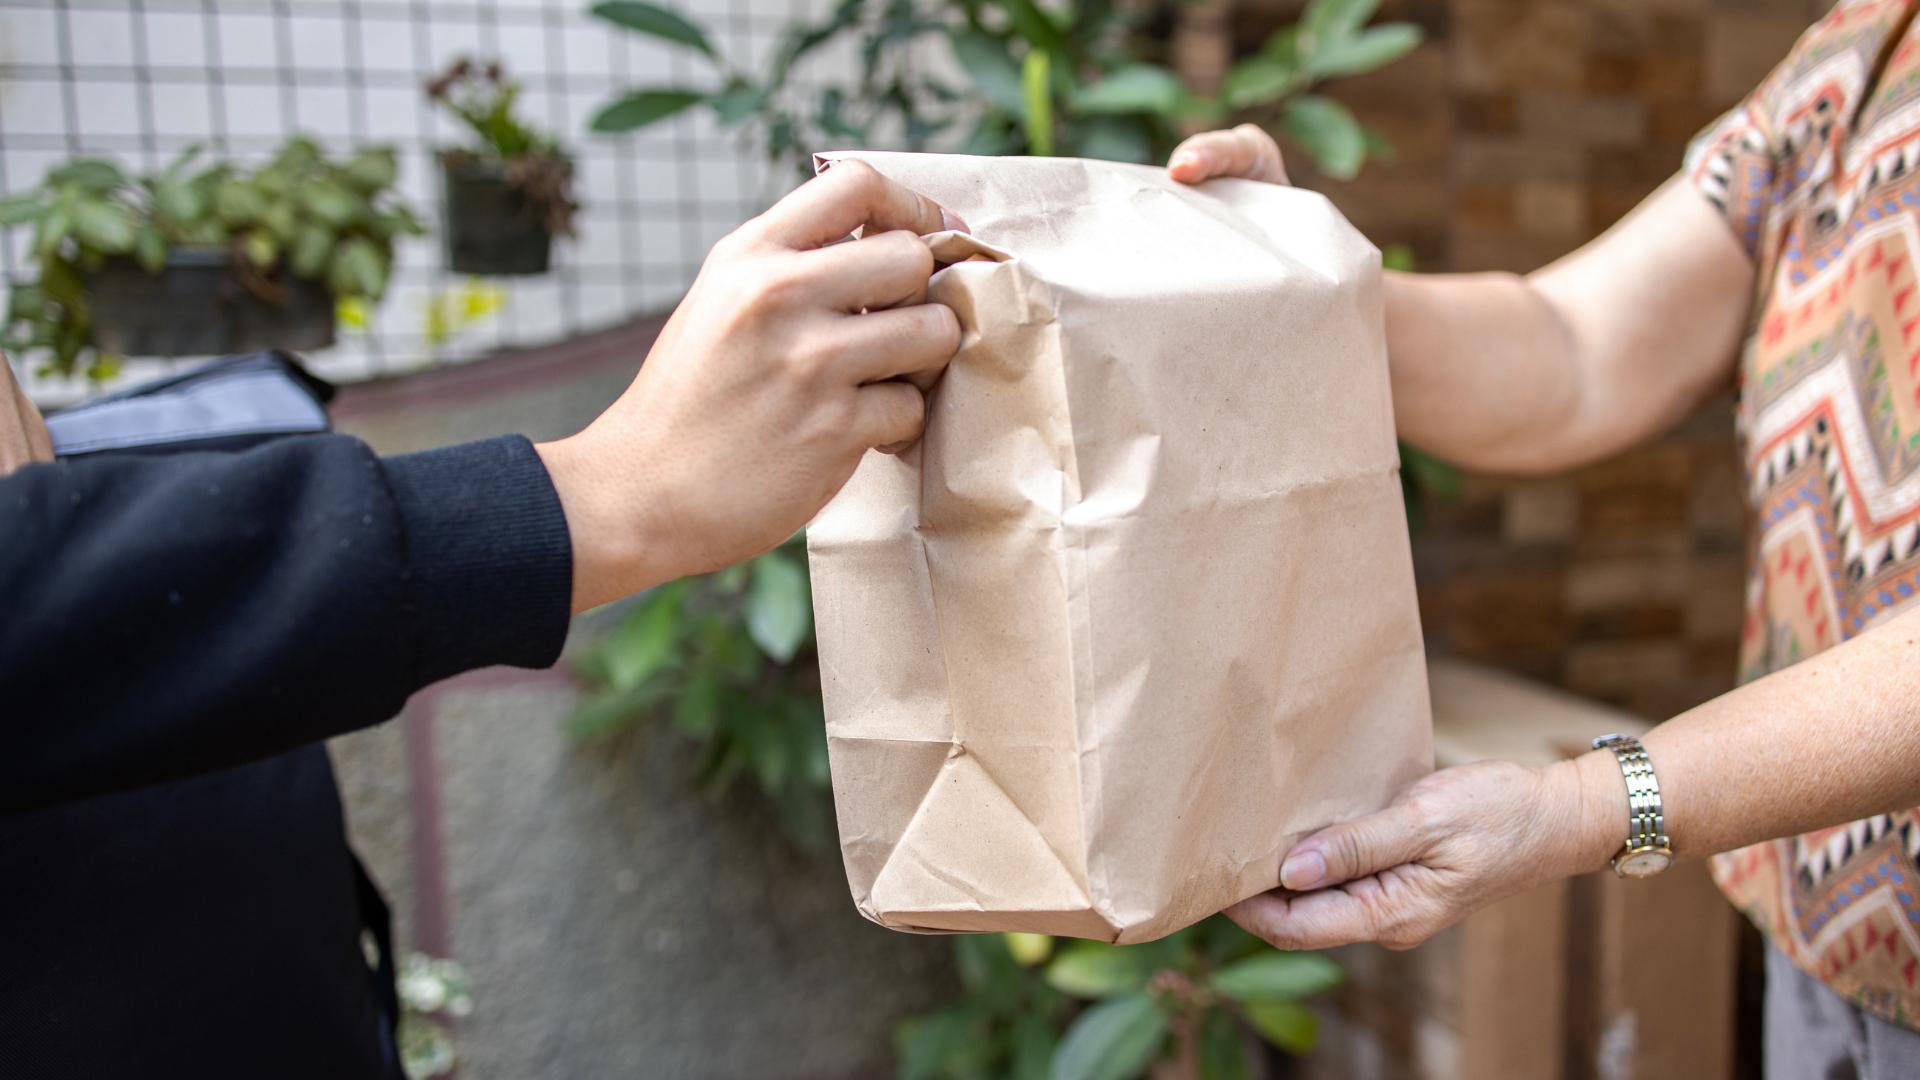 Gerenciamento de pedidos: melhore seus processos de entregas